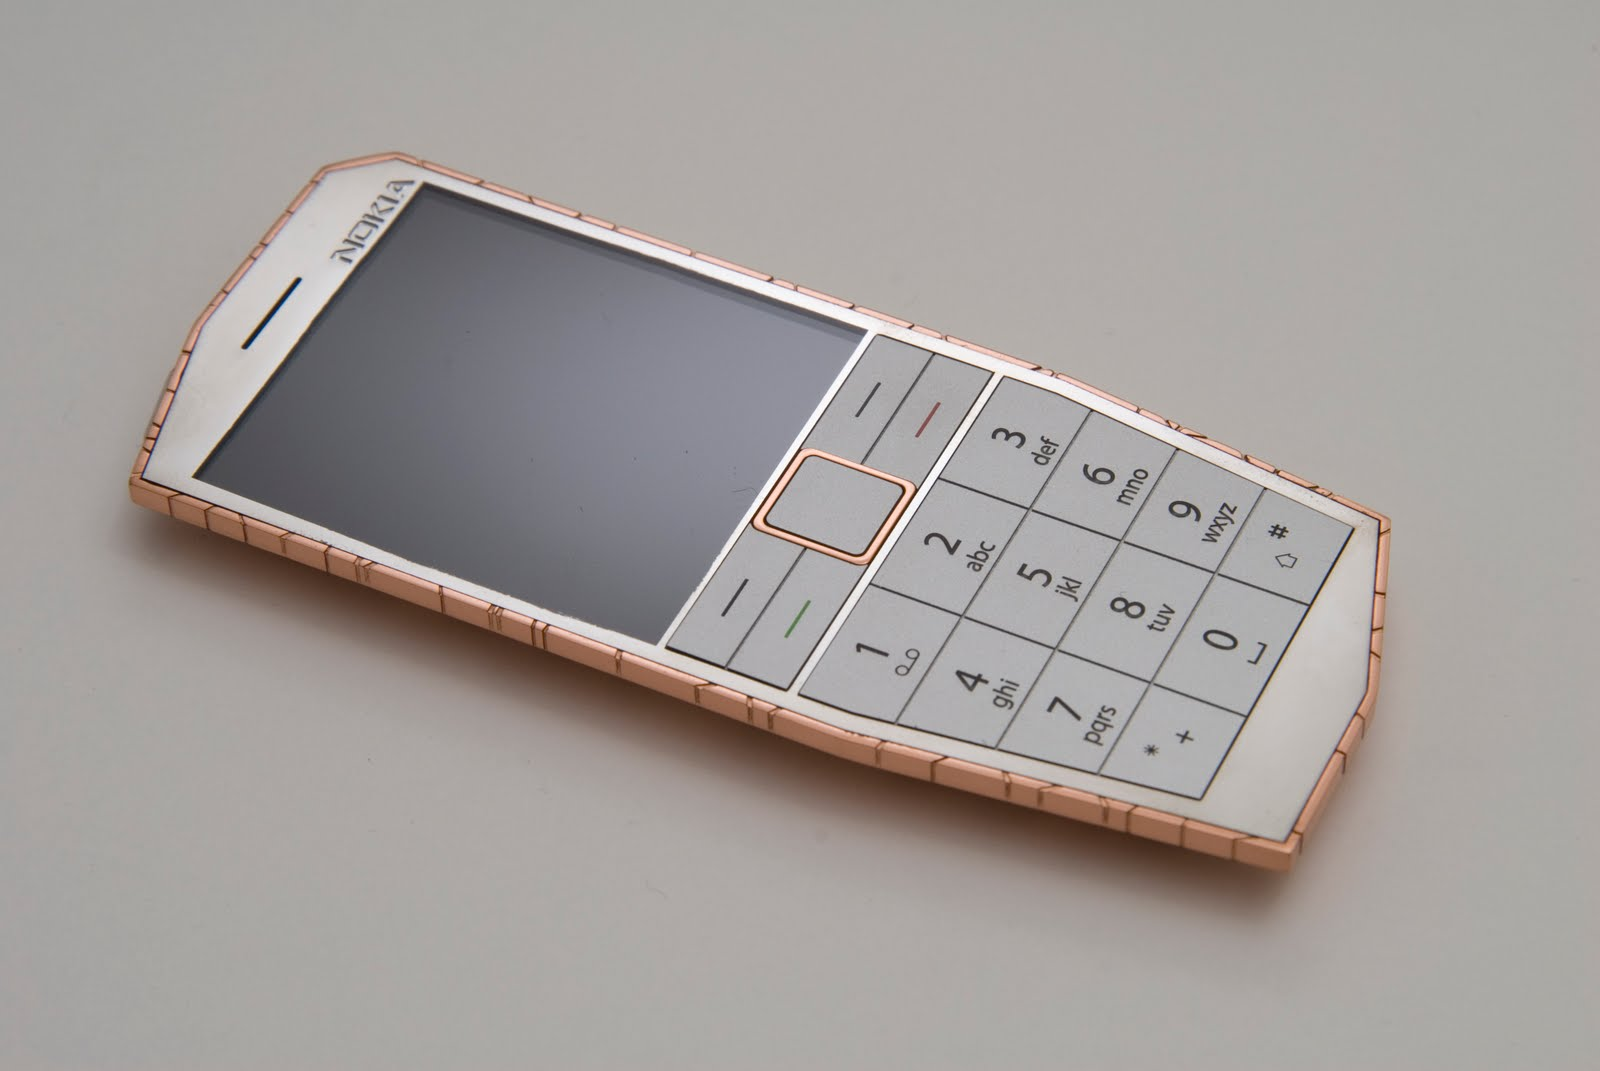 Un mobile Nokia qui se charge avec la chaleur du corps